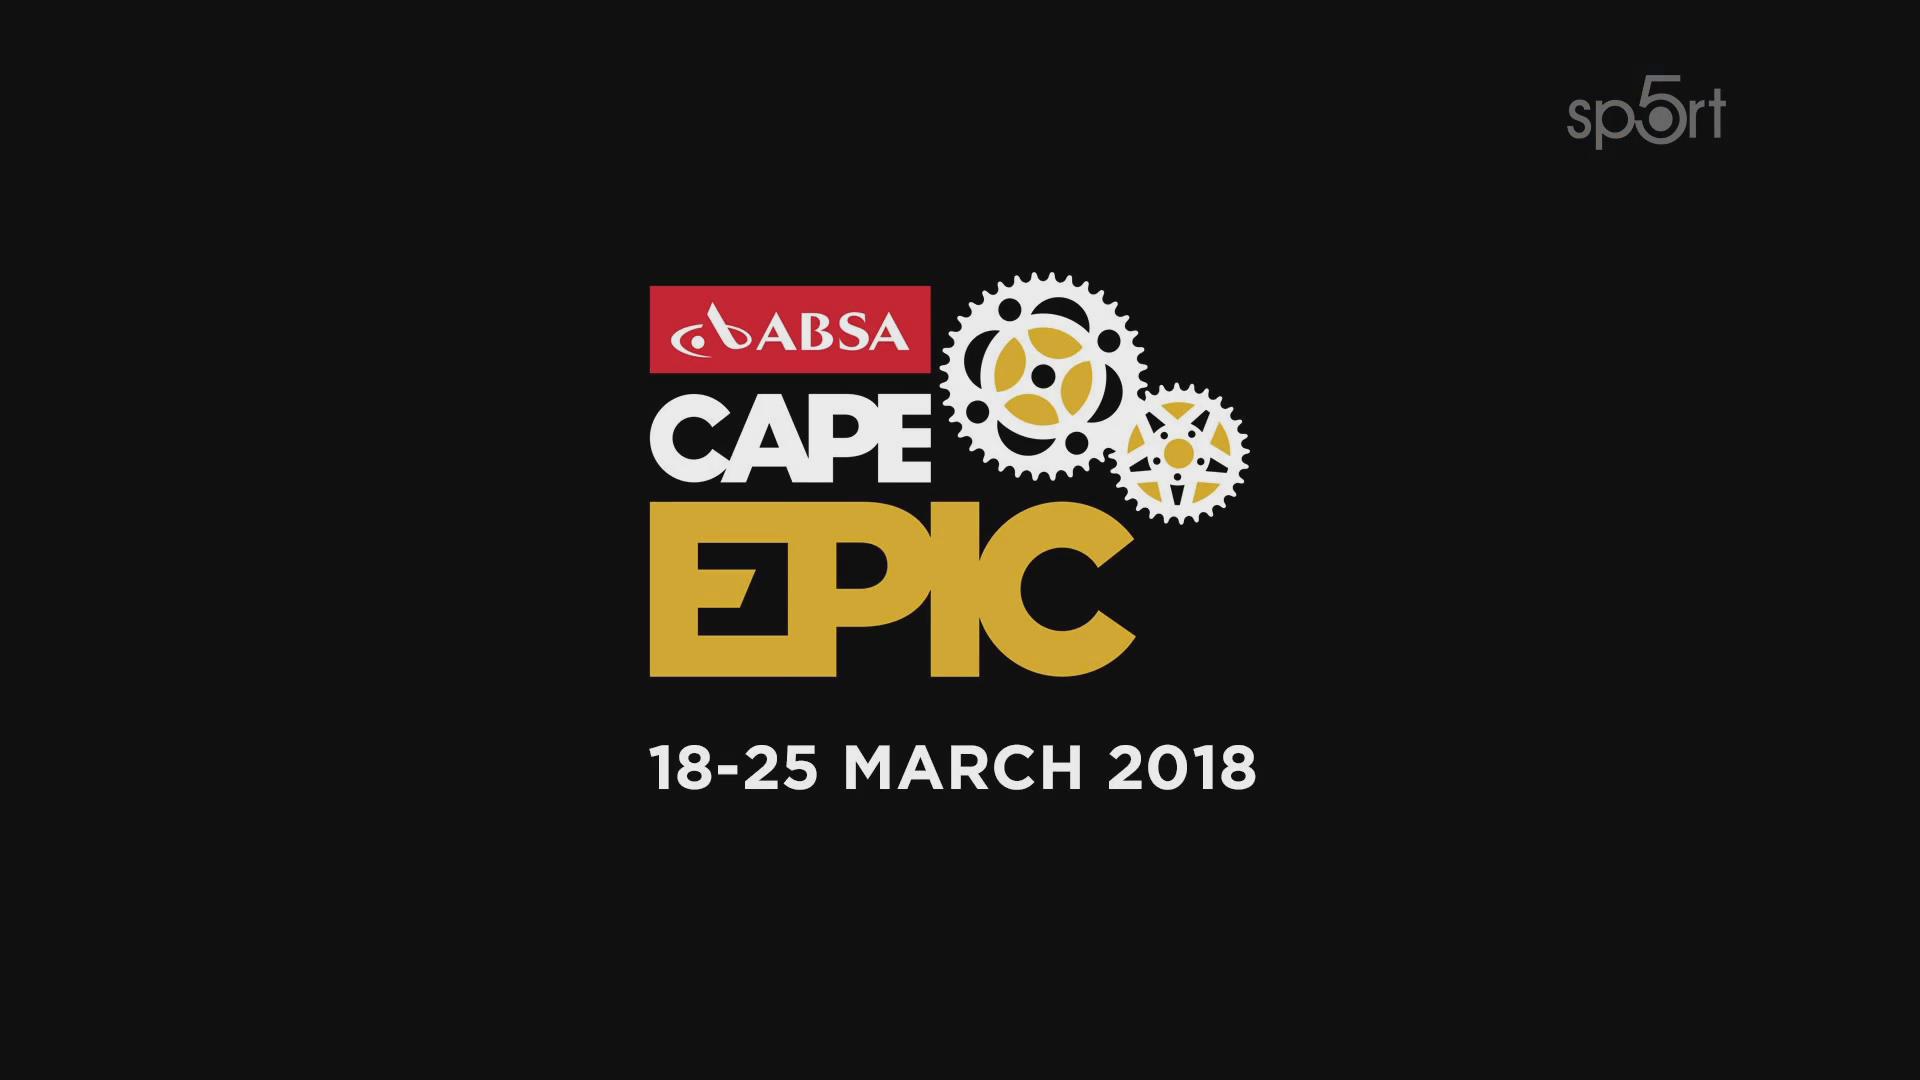 Jubilejní patnáctý ročník CAPE EPIC znovu na SPORT 5! Těšit se můžete na sestřihy a přenos z poslední etapy.